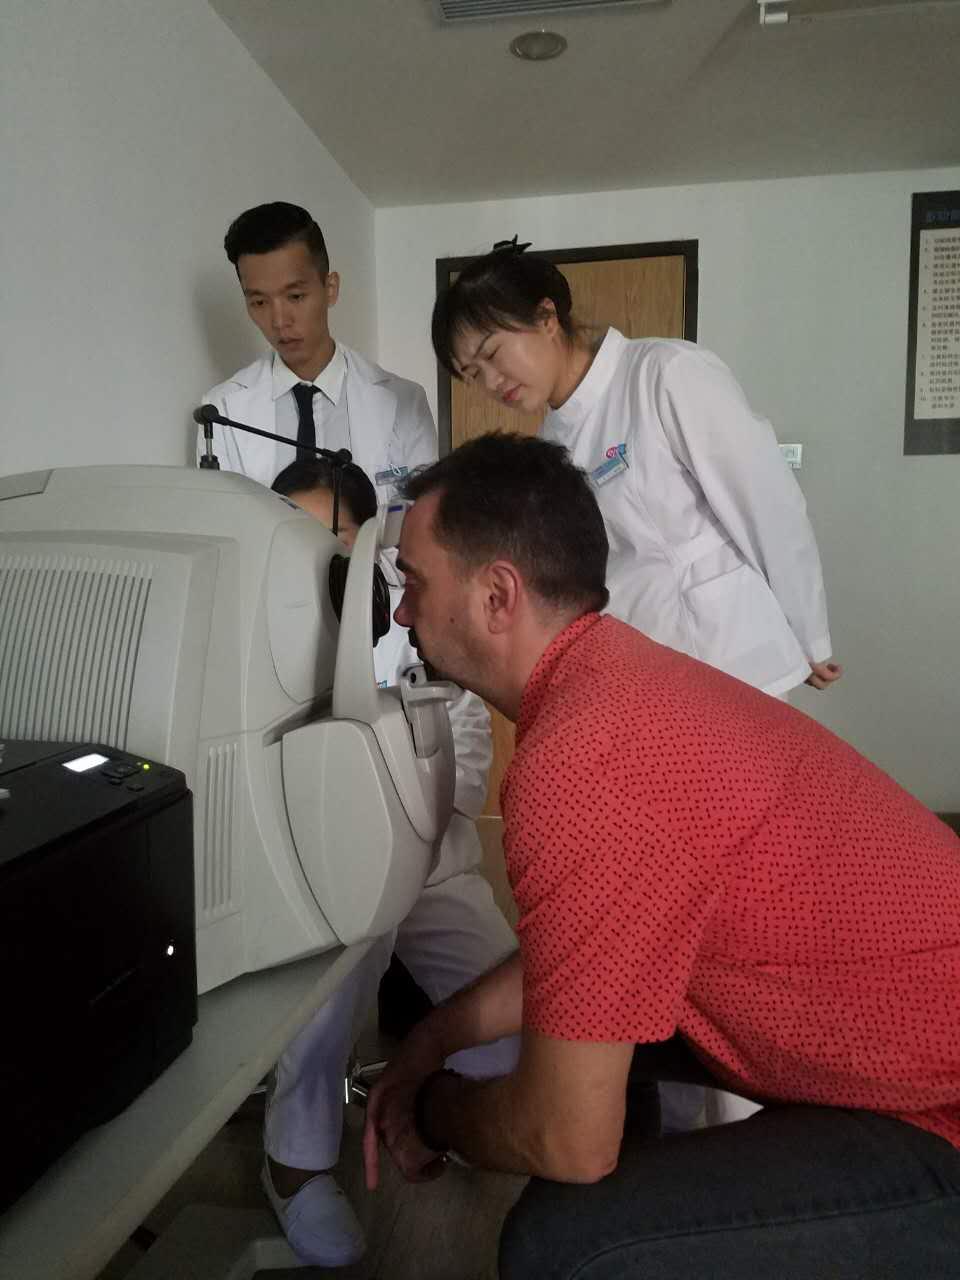 Ovidiu simion a verificat în spital.